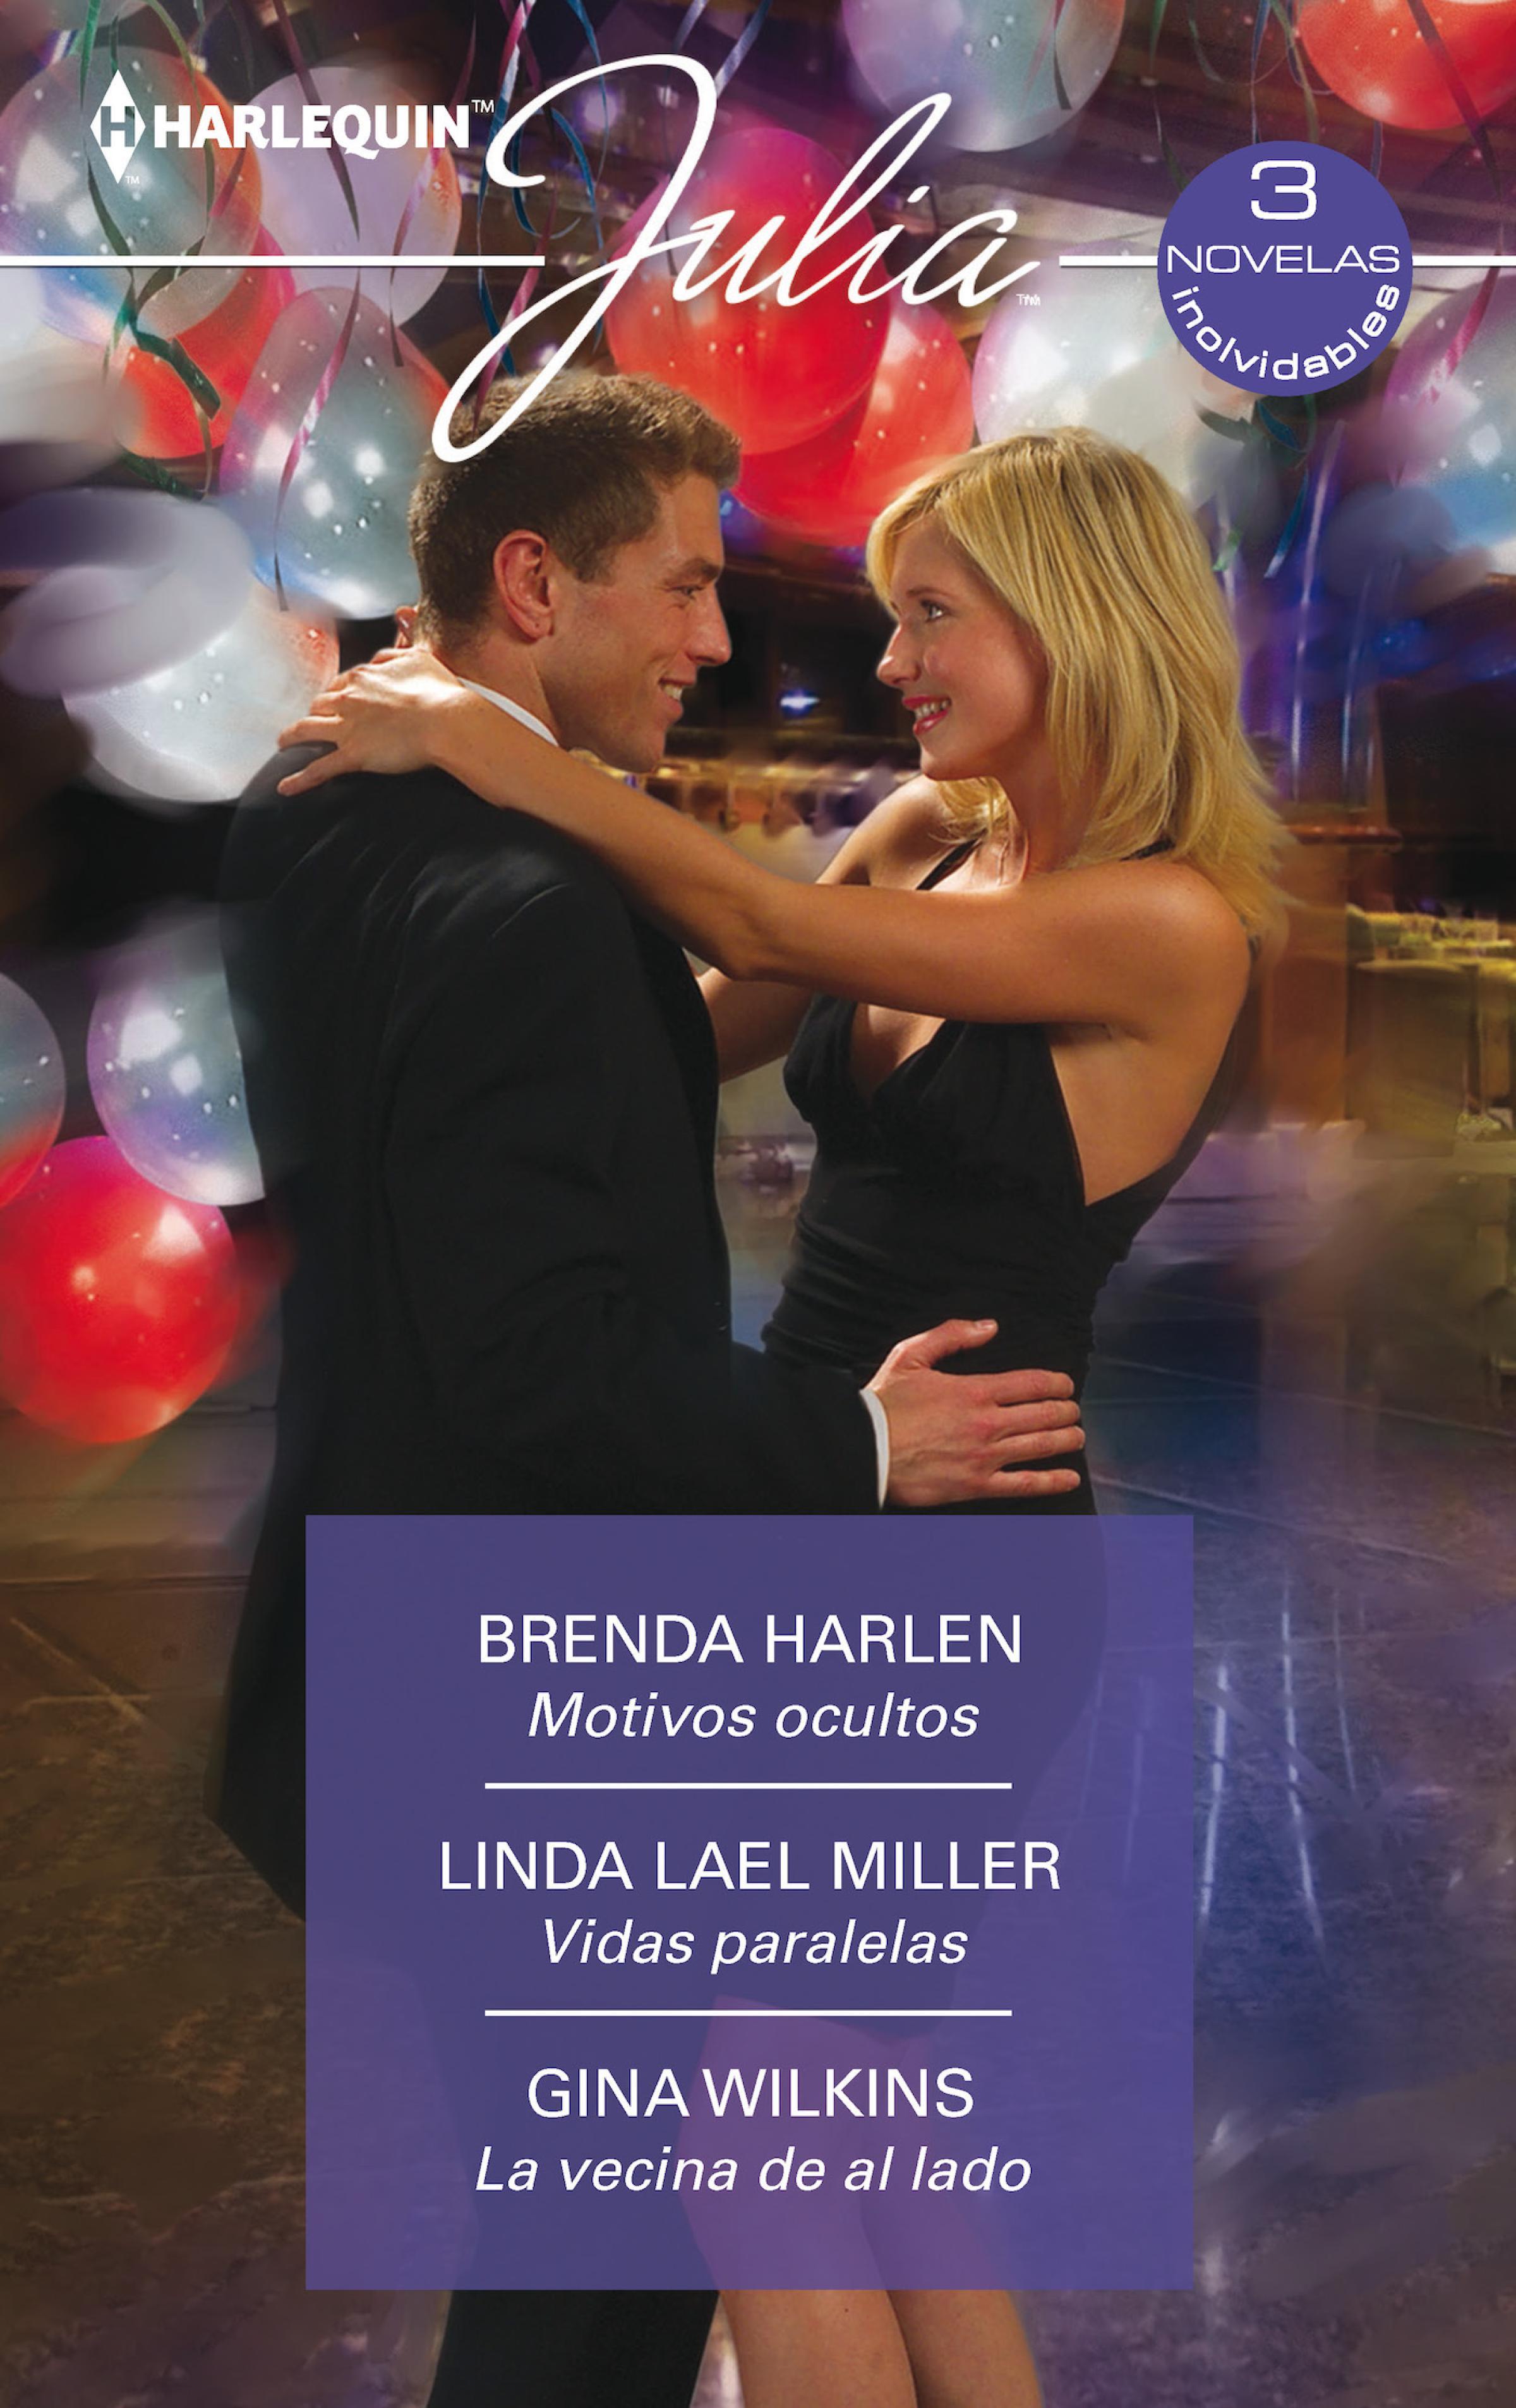 Linda Lael Miller Motivos ocultos - Vidas paralelas - La vecina de al lado linda miller lael used to be lovers